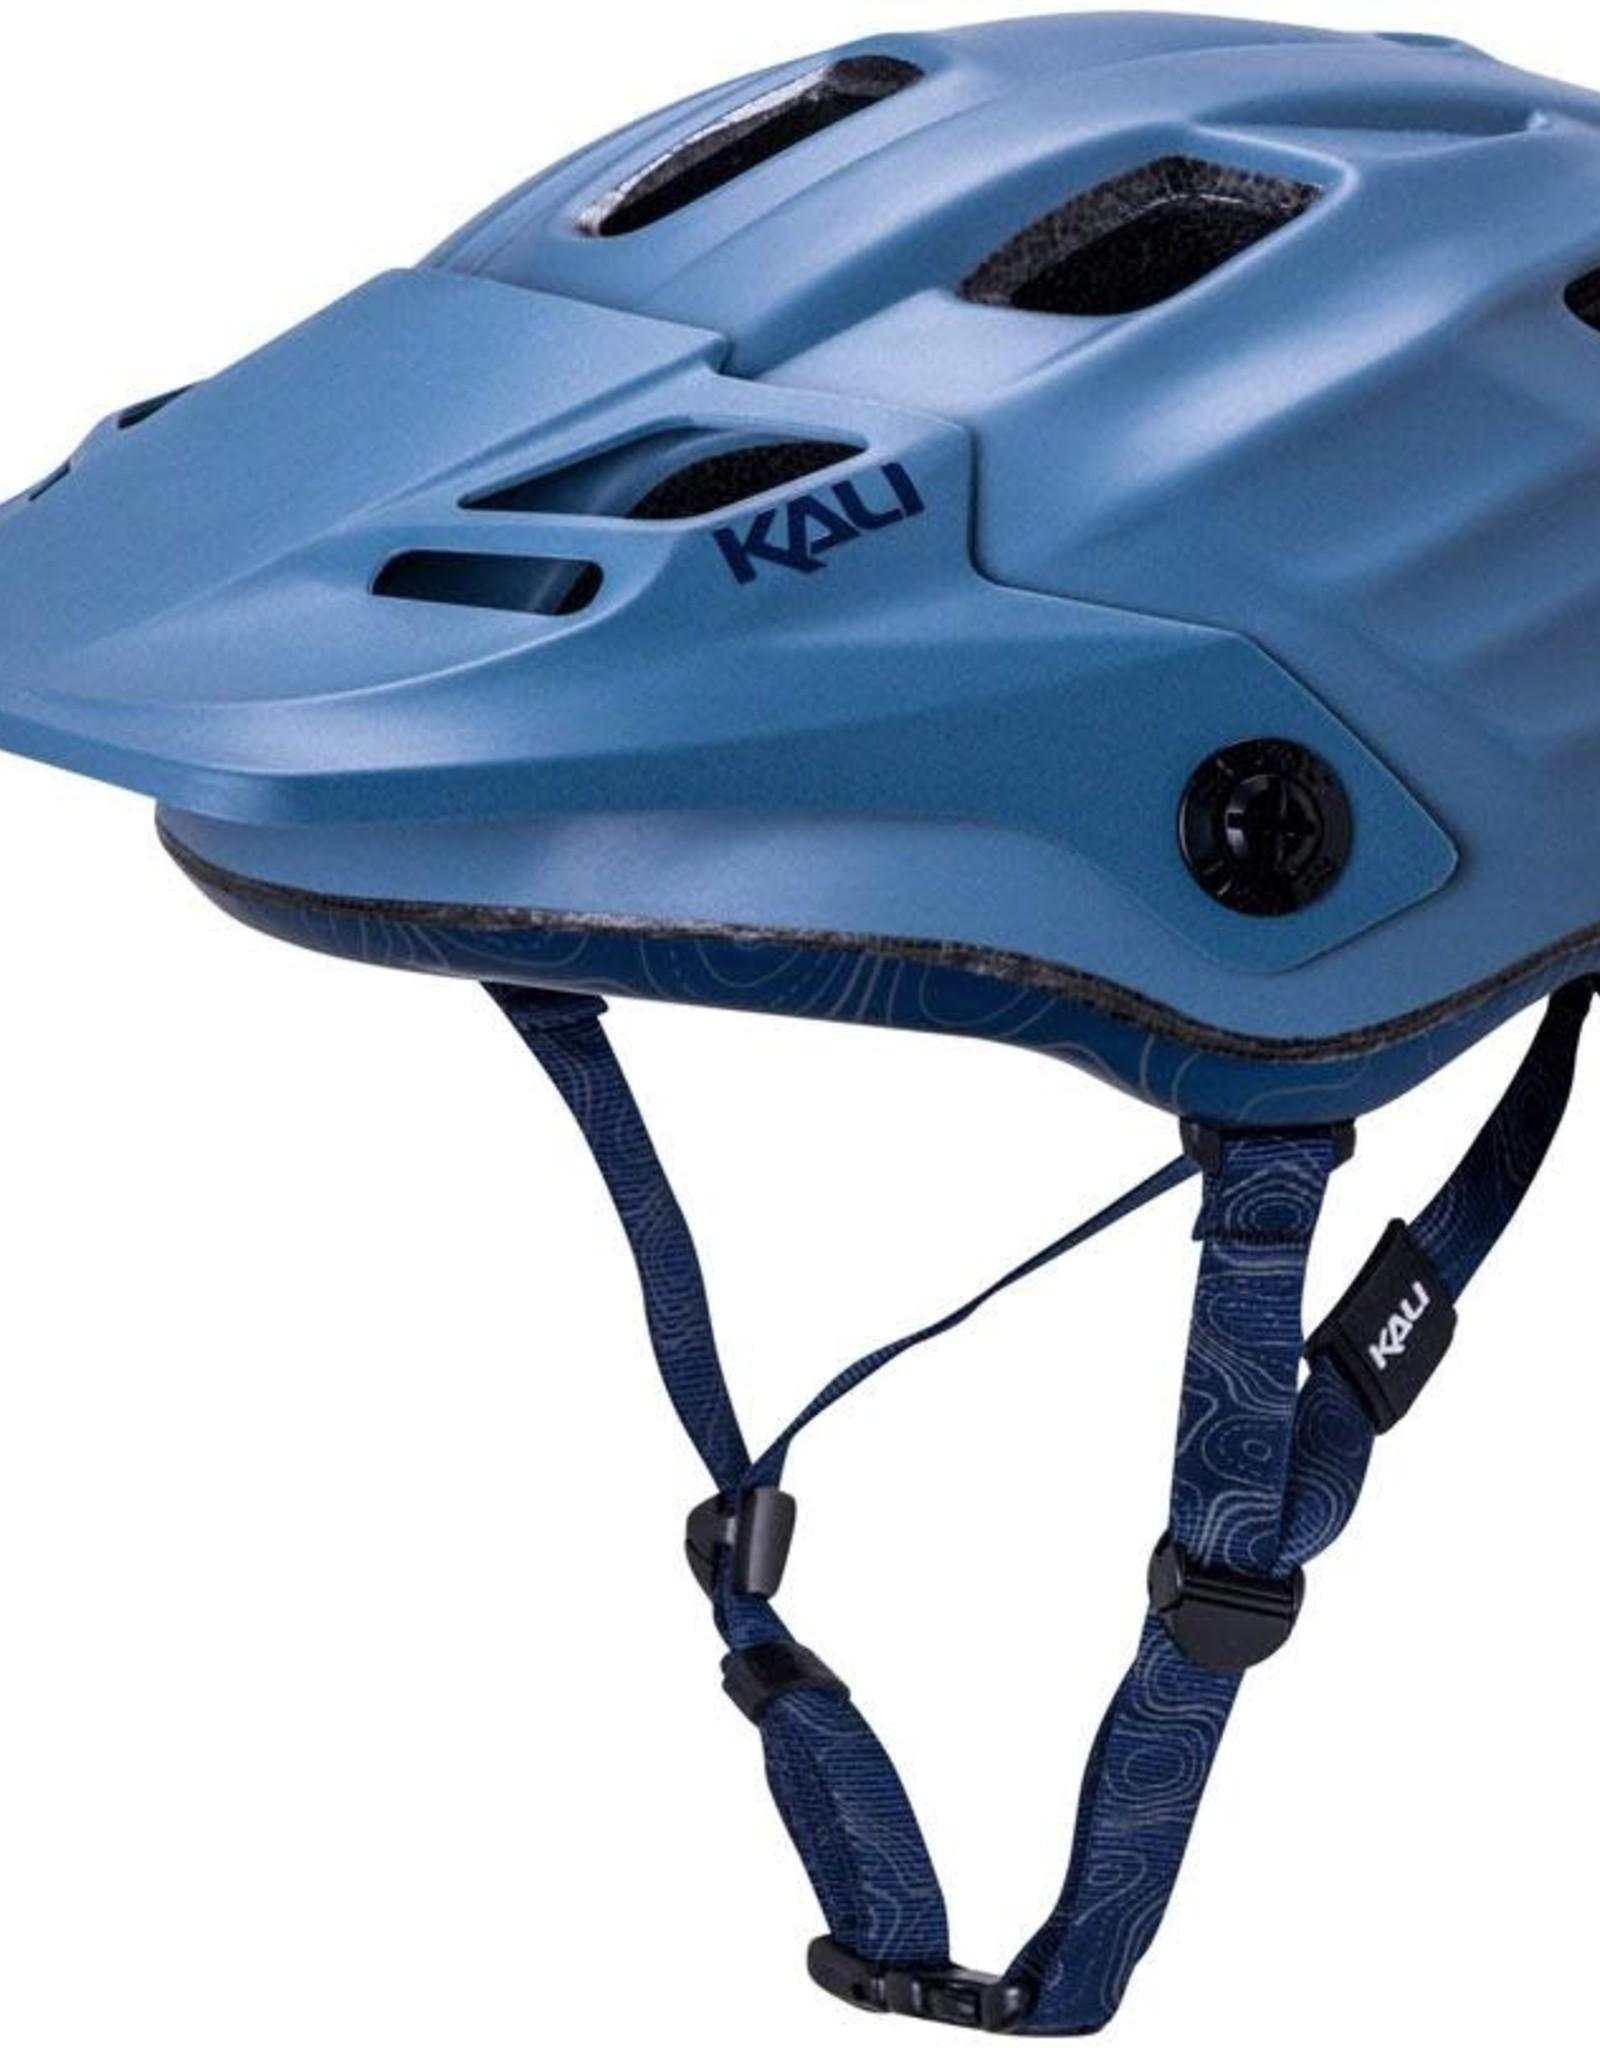 Kali Protectives Kali Maya 3.0 Solid Matte THD/NVY L/XL